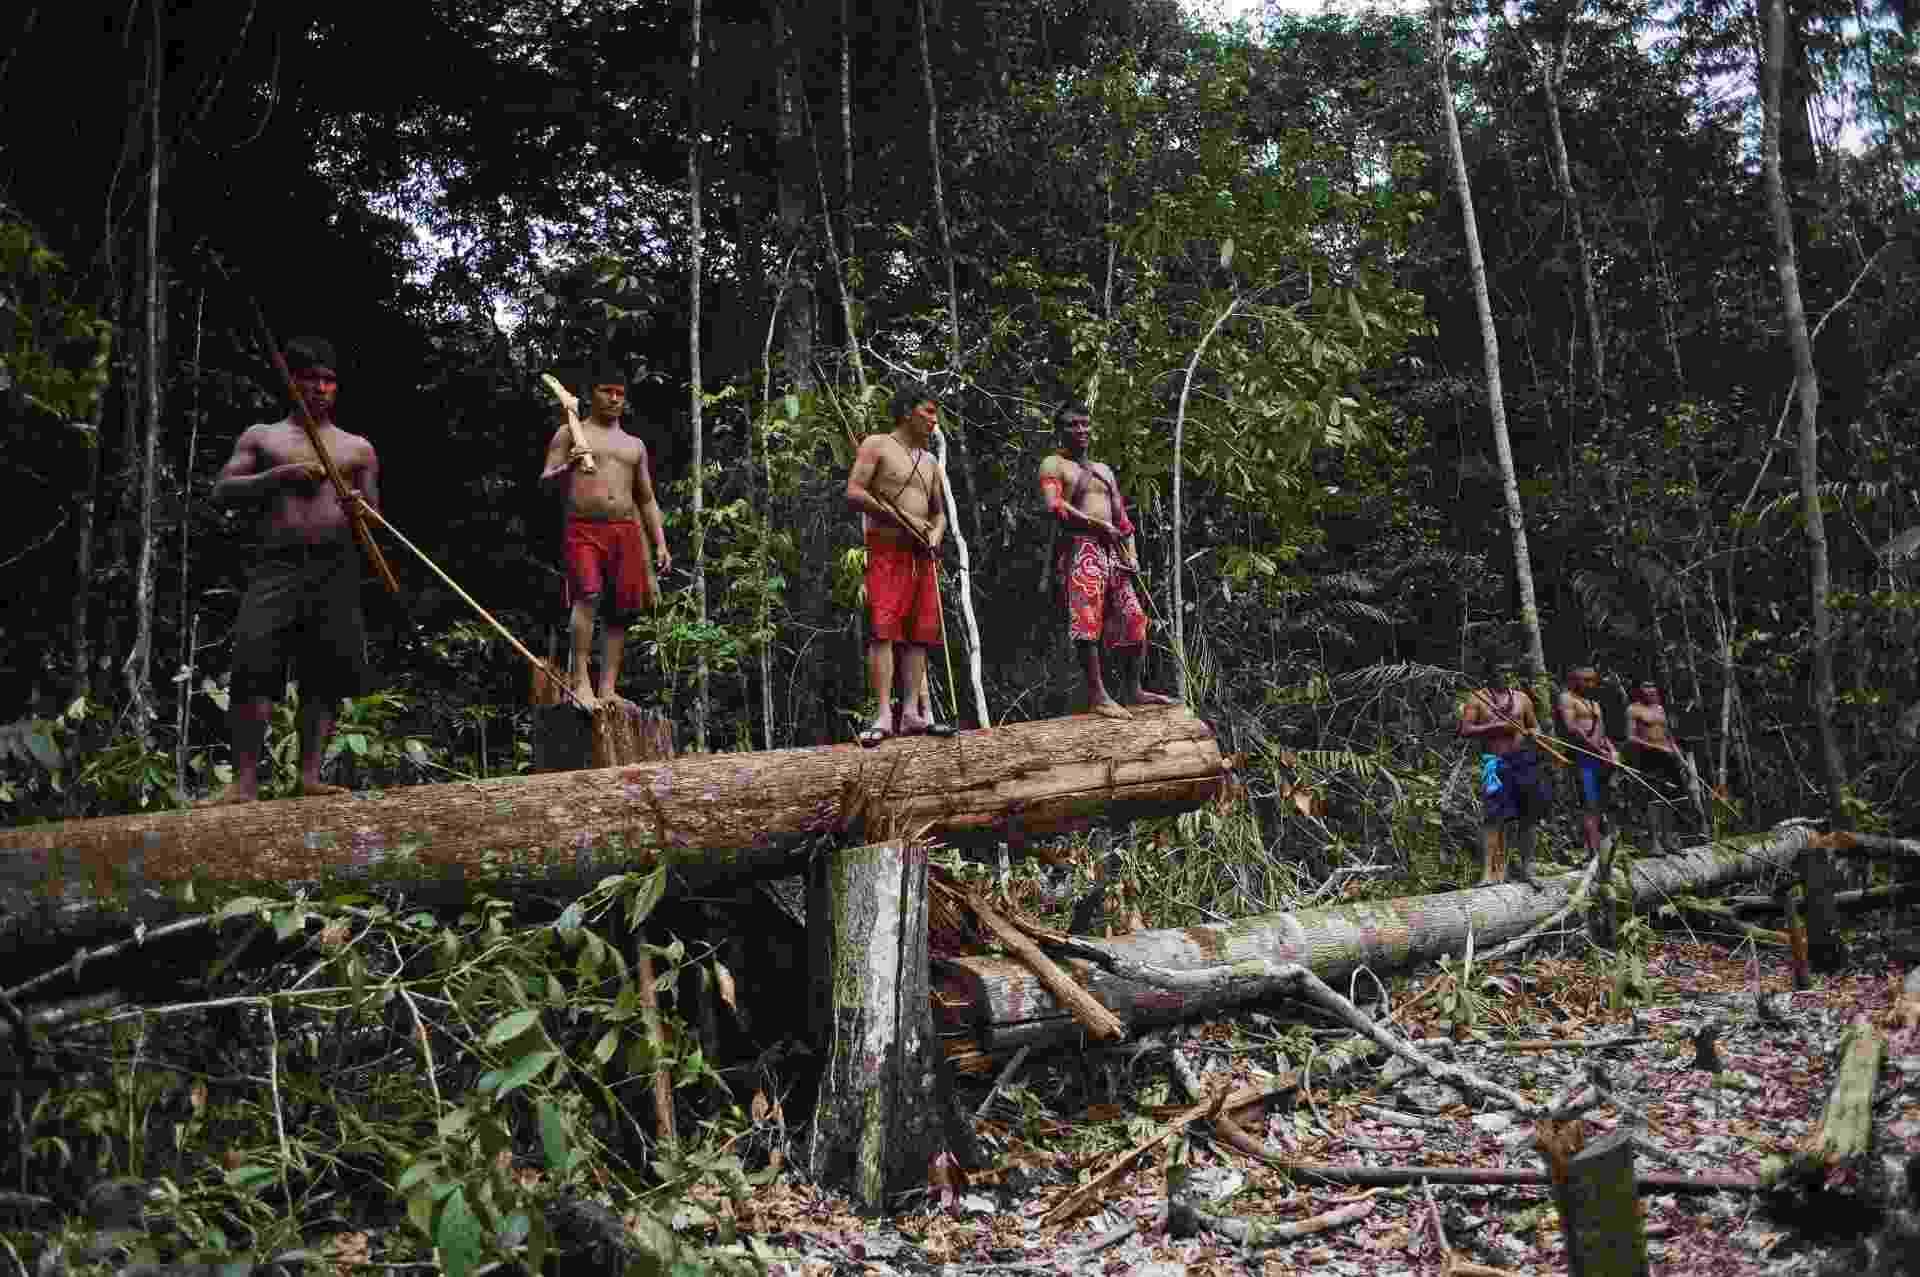 17.fev.2014 - índios da tribo Munduruku encontrar uma área na selva demarcada pelos garimpeiros ilegais durante uma busca por todo o território da tribo - Lunae Parracho/Reuters